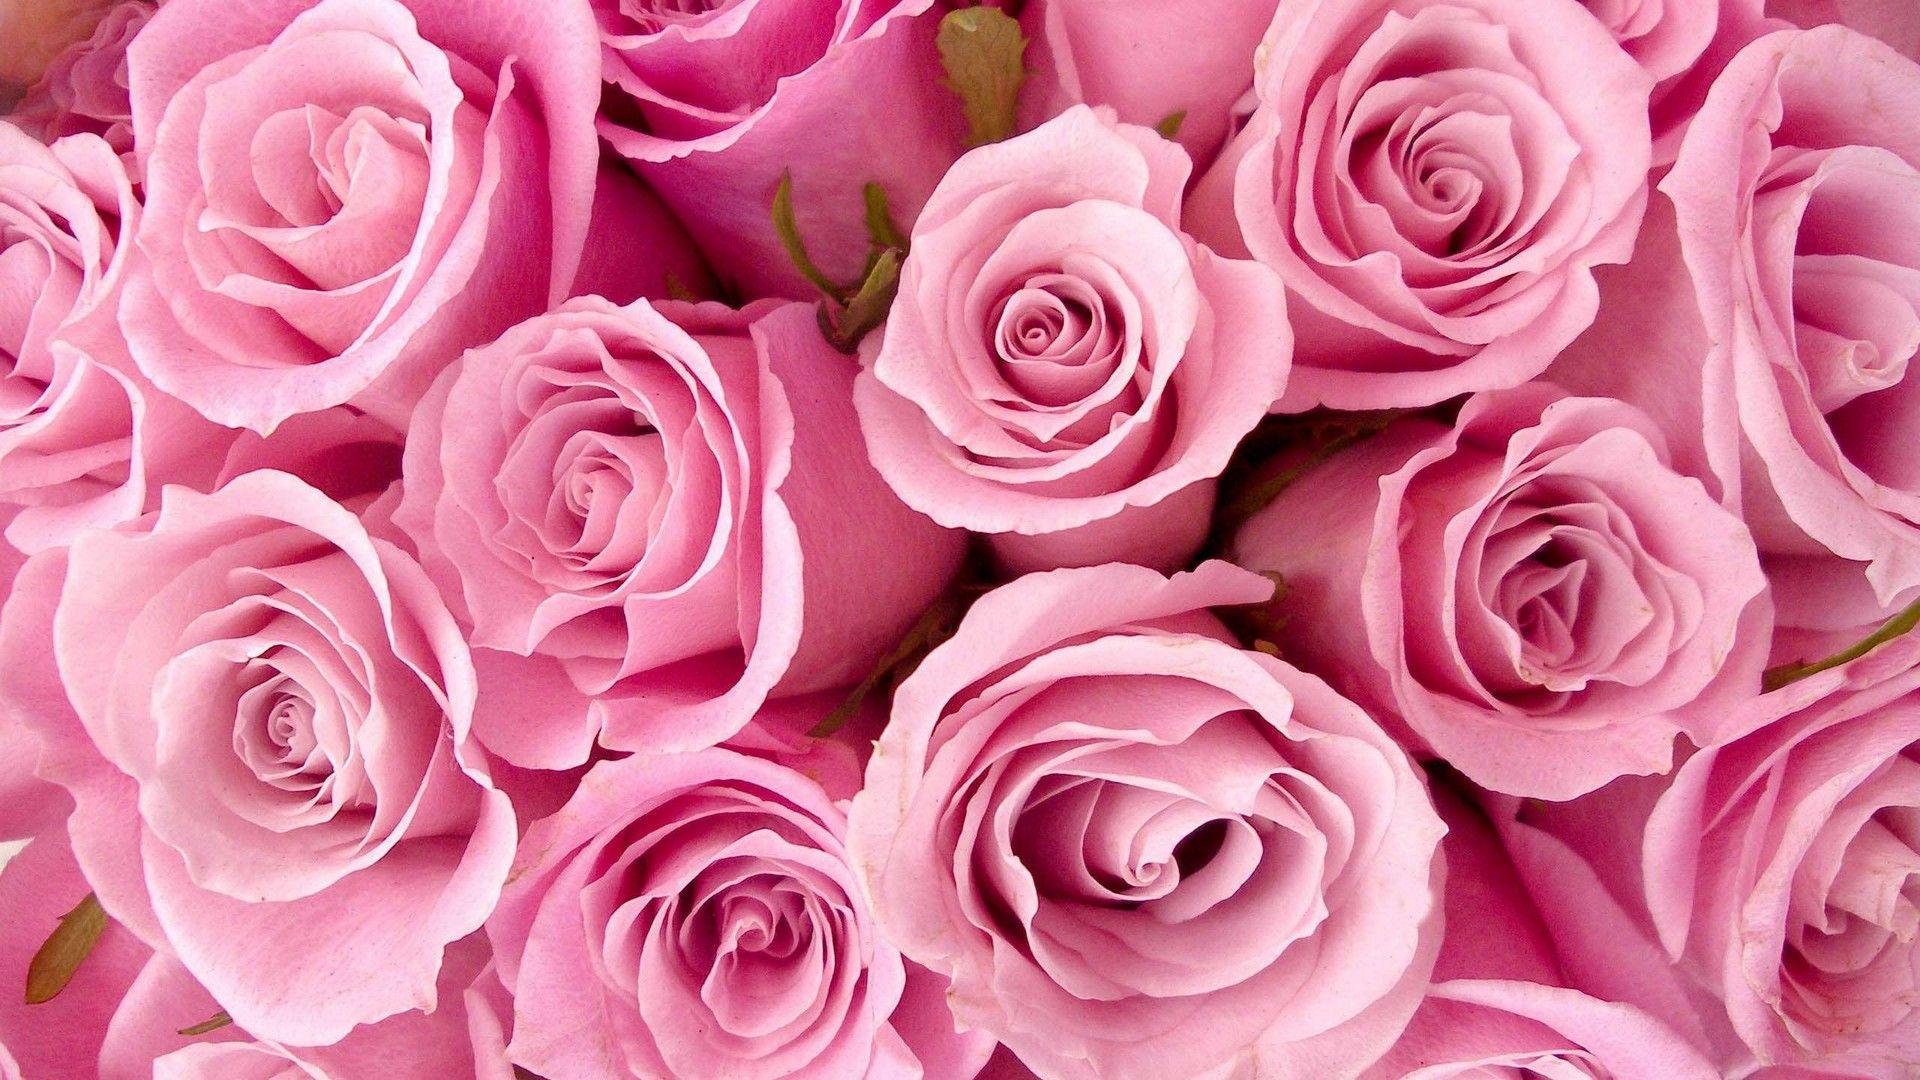 Rose Pink Flower Wallpaper Hd Best Hd Wallpapers Wallpaperscute